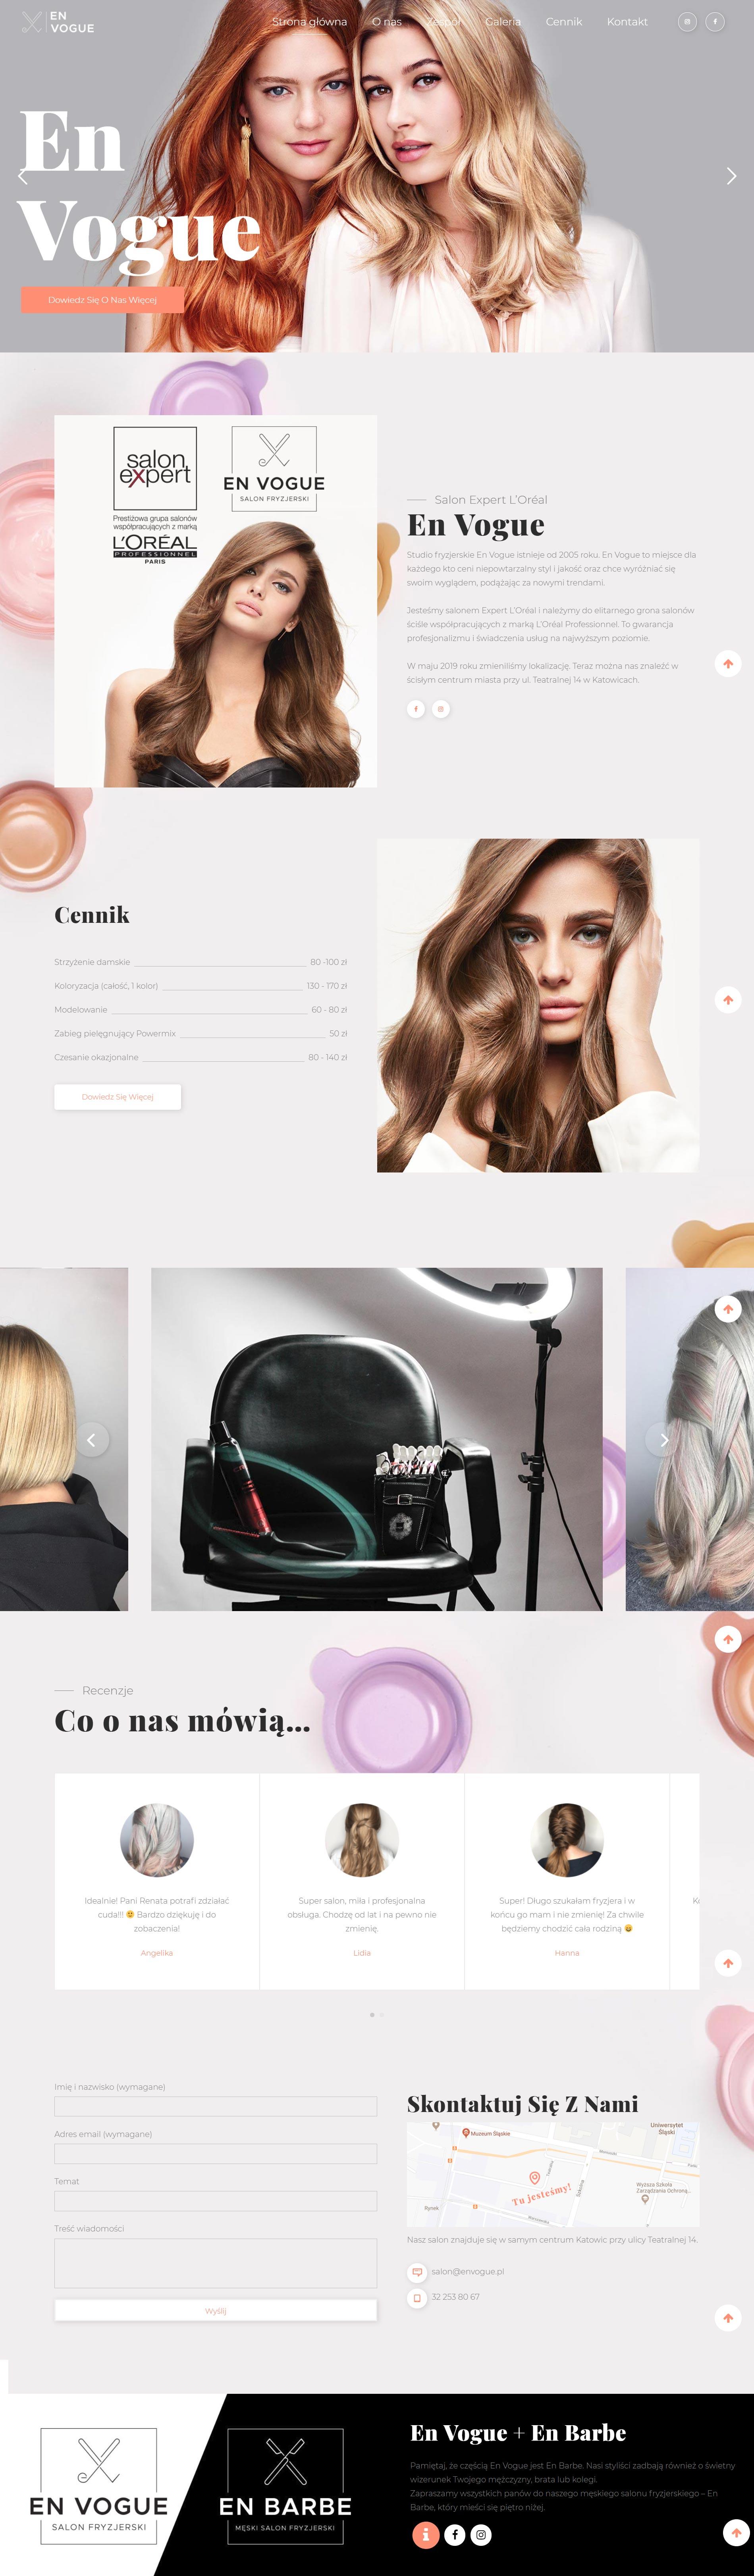 strona-www-internetowa-projekt-projektowanie-grafik>